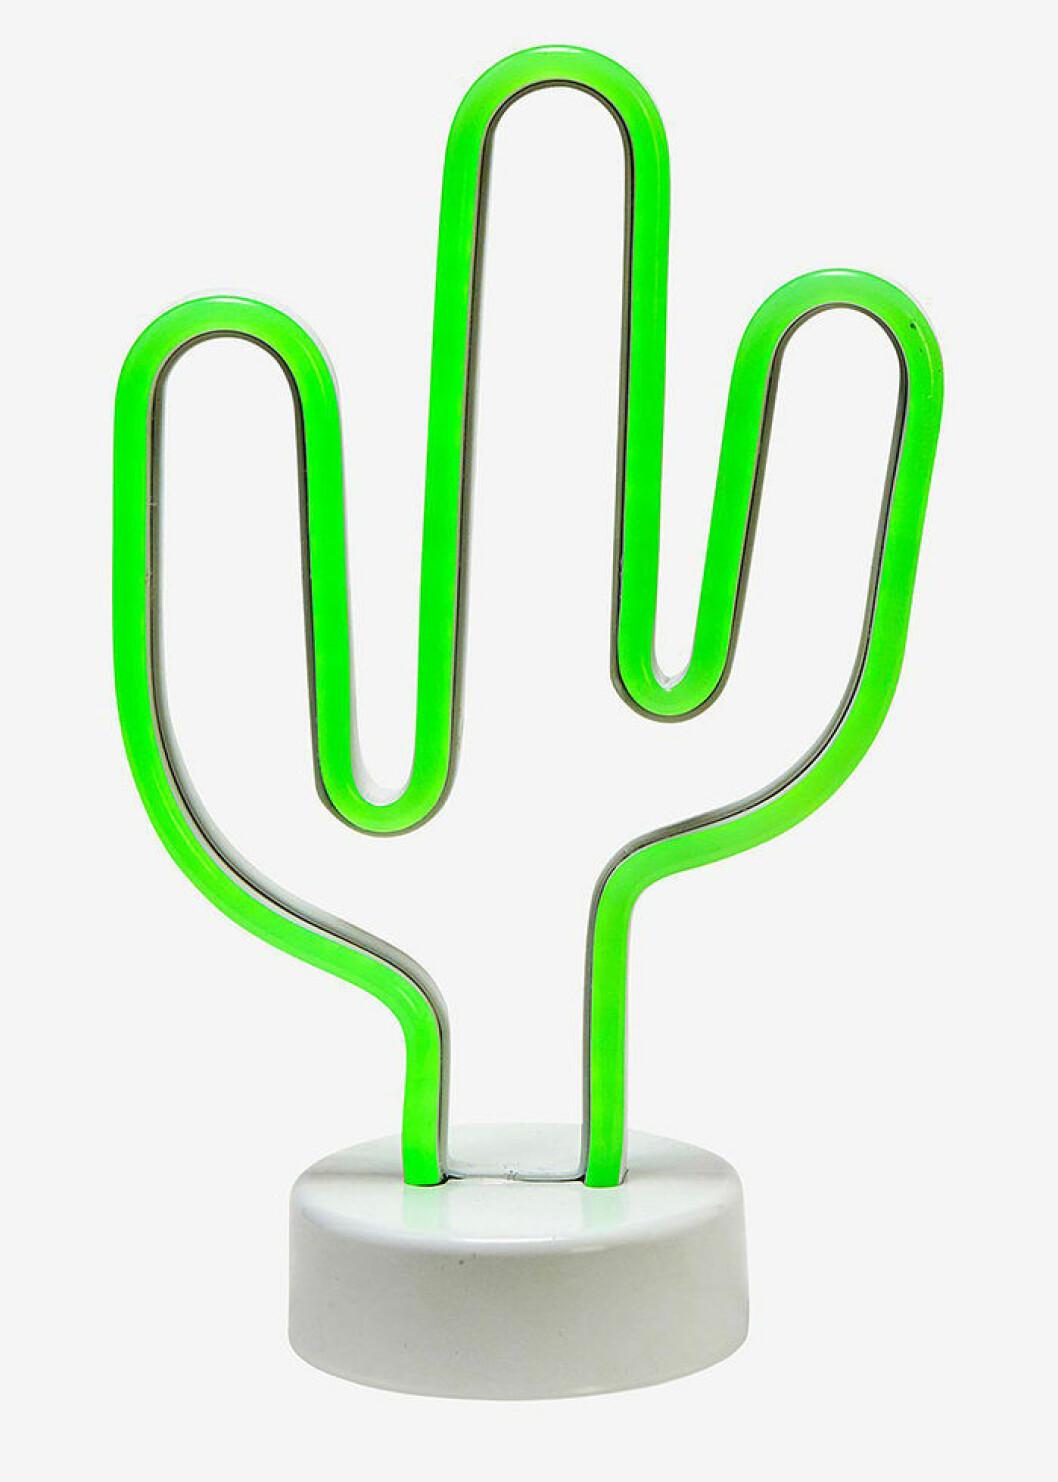 Neonlampa i form av en kaktus